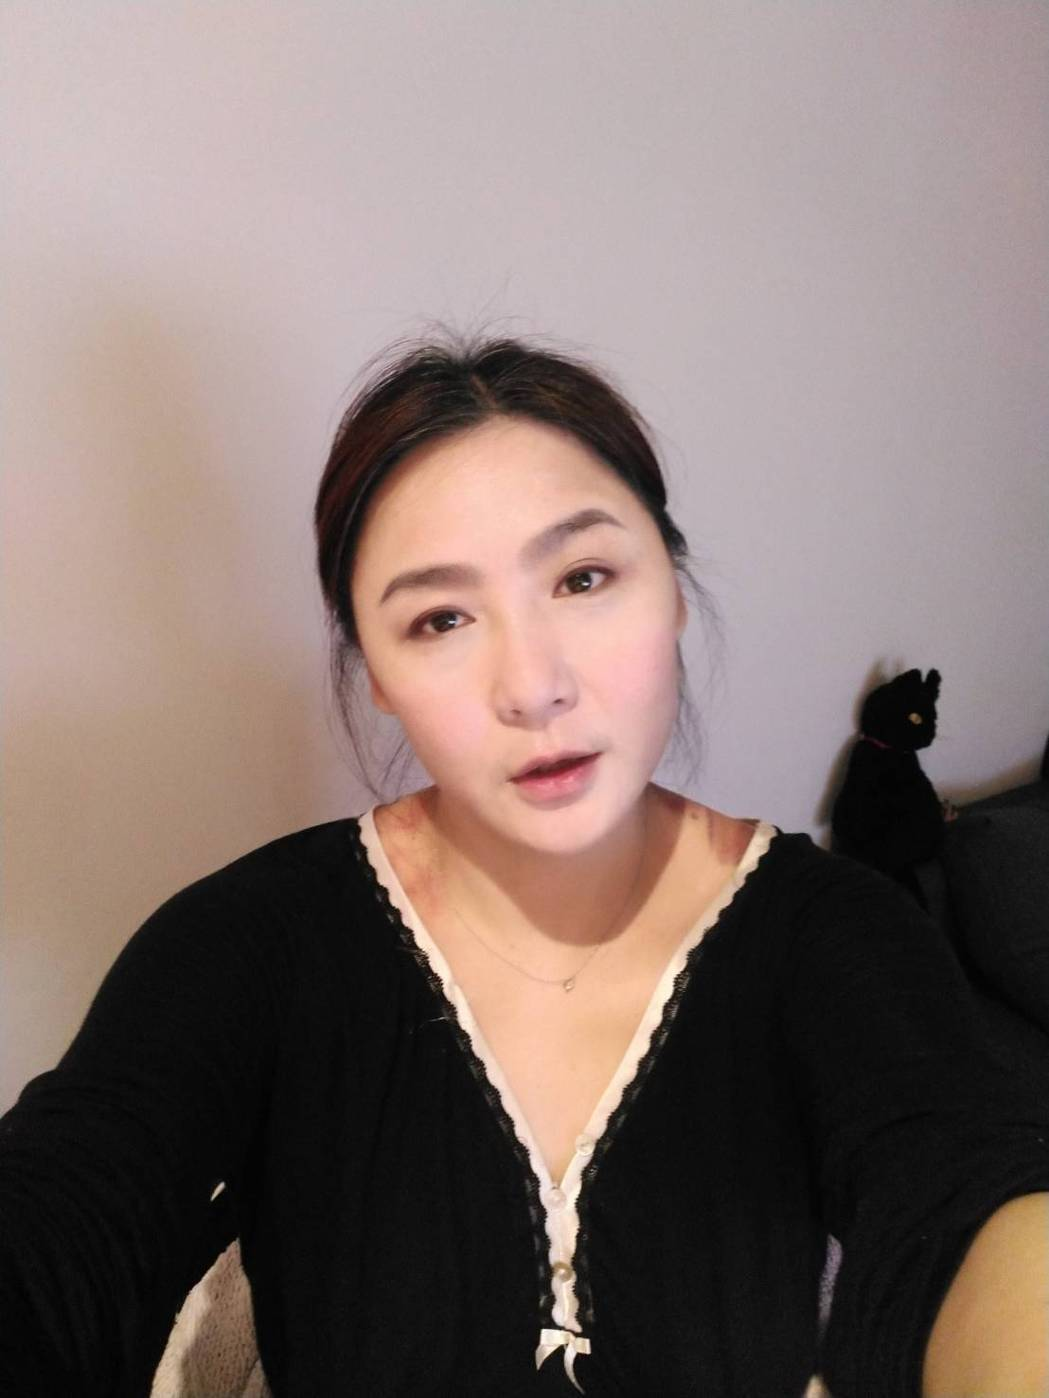 林鳳英嫁比利時富商老公當貴婦。圖/萬鴻提供